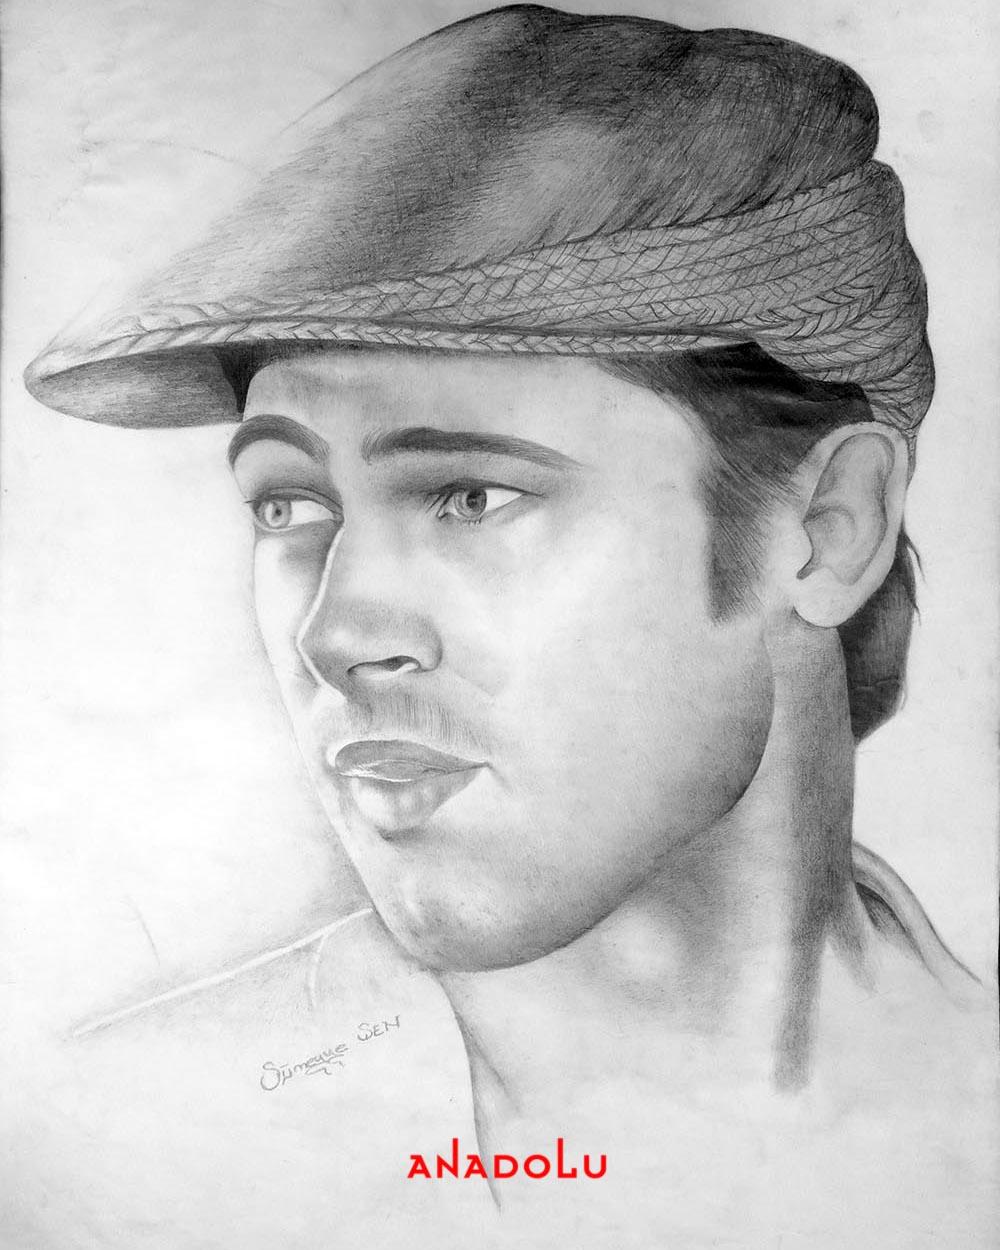 Brad Pitt Karakalem Çizimleri Ankara